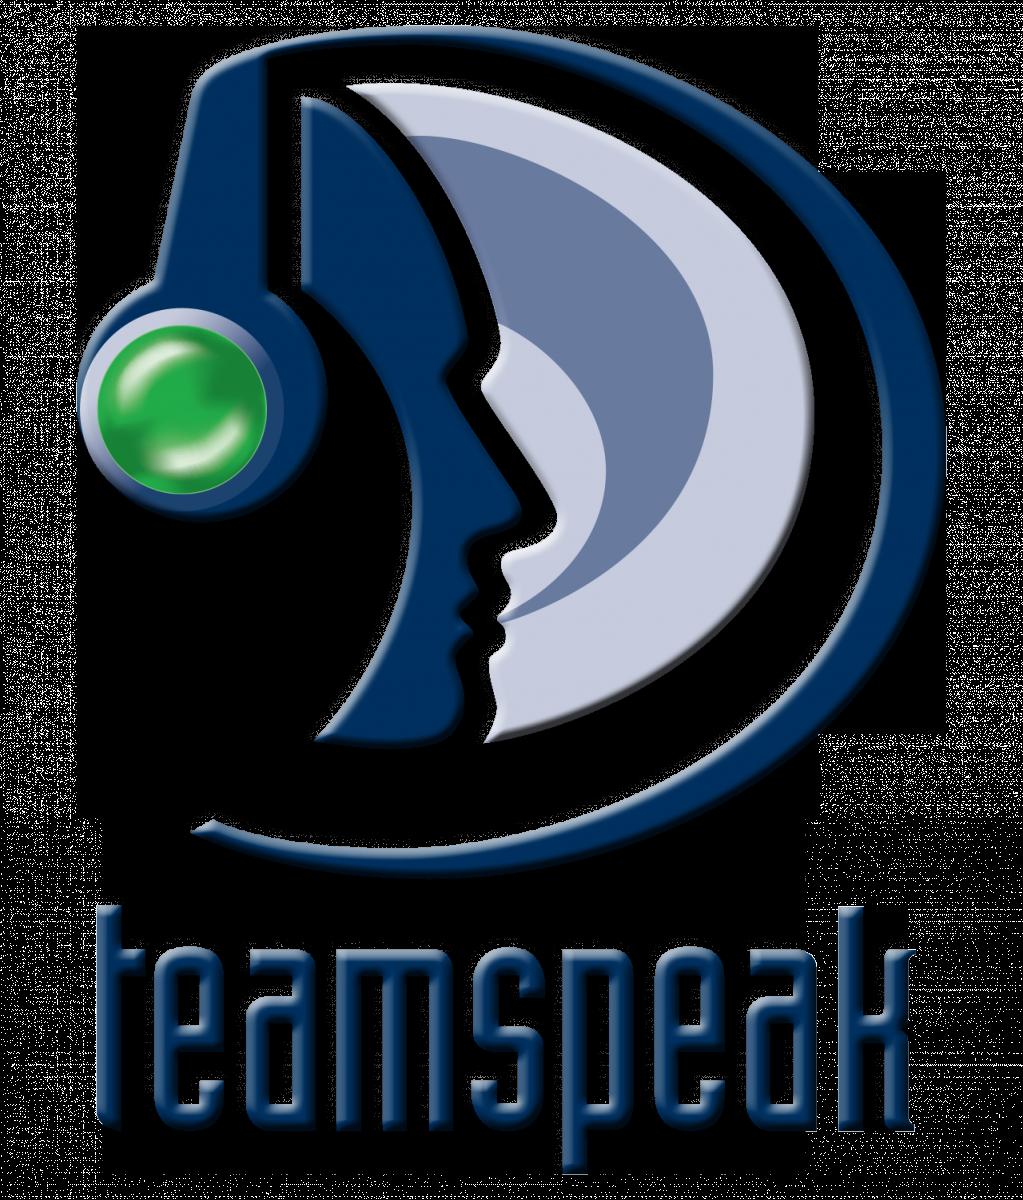 Teamspeak 3 server Logos.